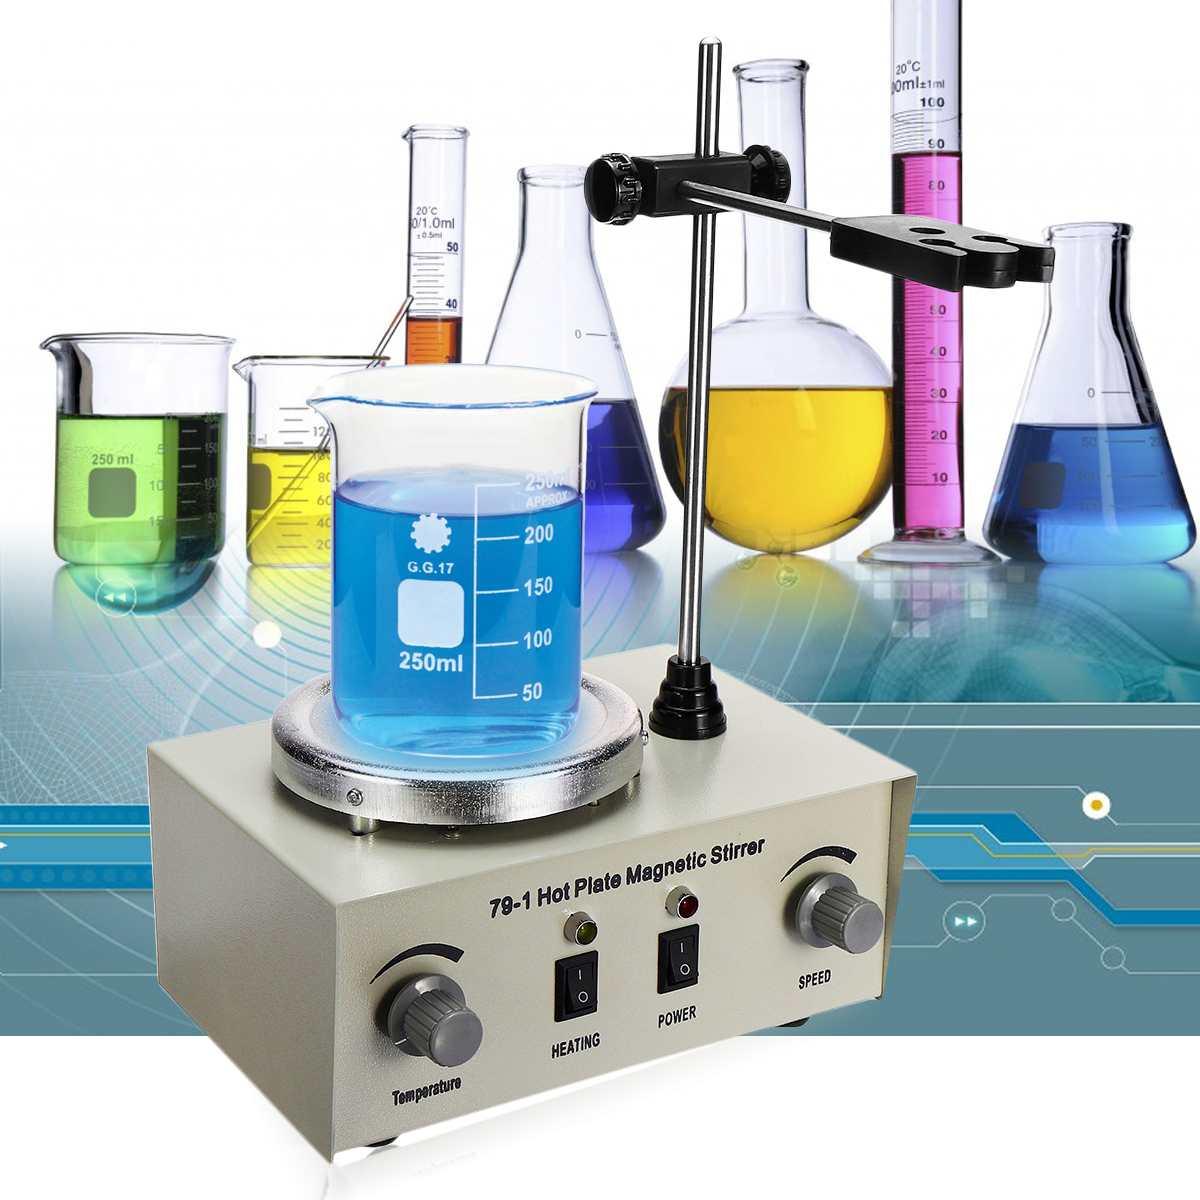 US/AU/EU 79-1/110/220 V 250 W 1000 ml agitador magnético de placa caliente laboratorio de calefacción Dual Control mezclador No ruido/vibración fusibles de protección